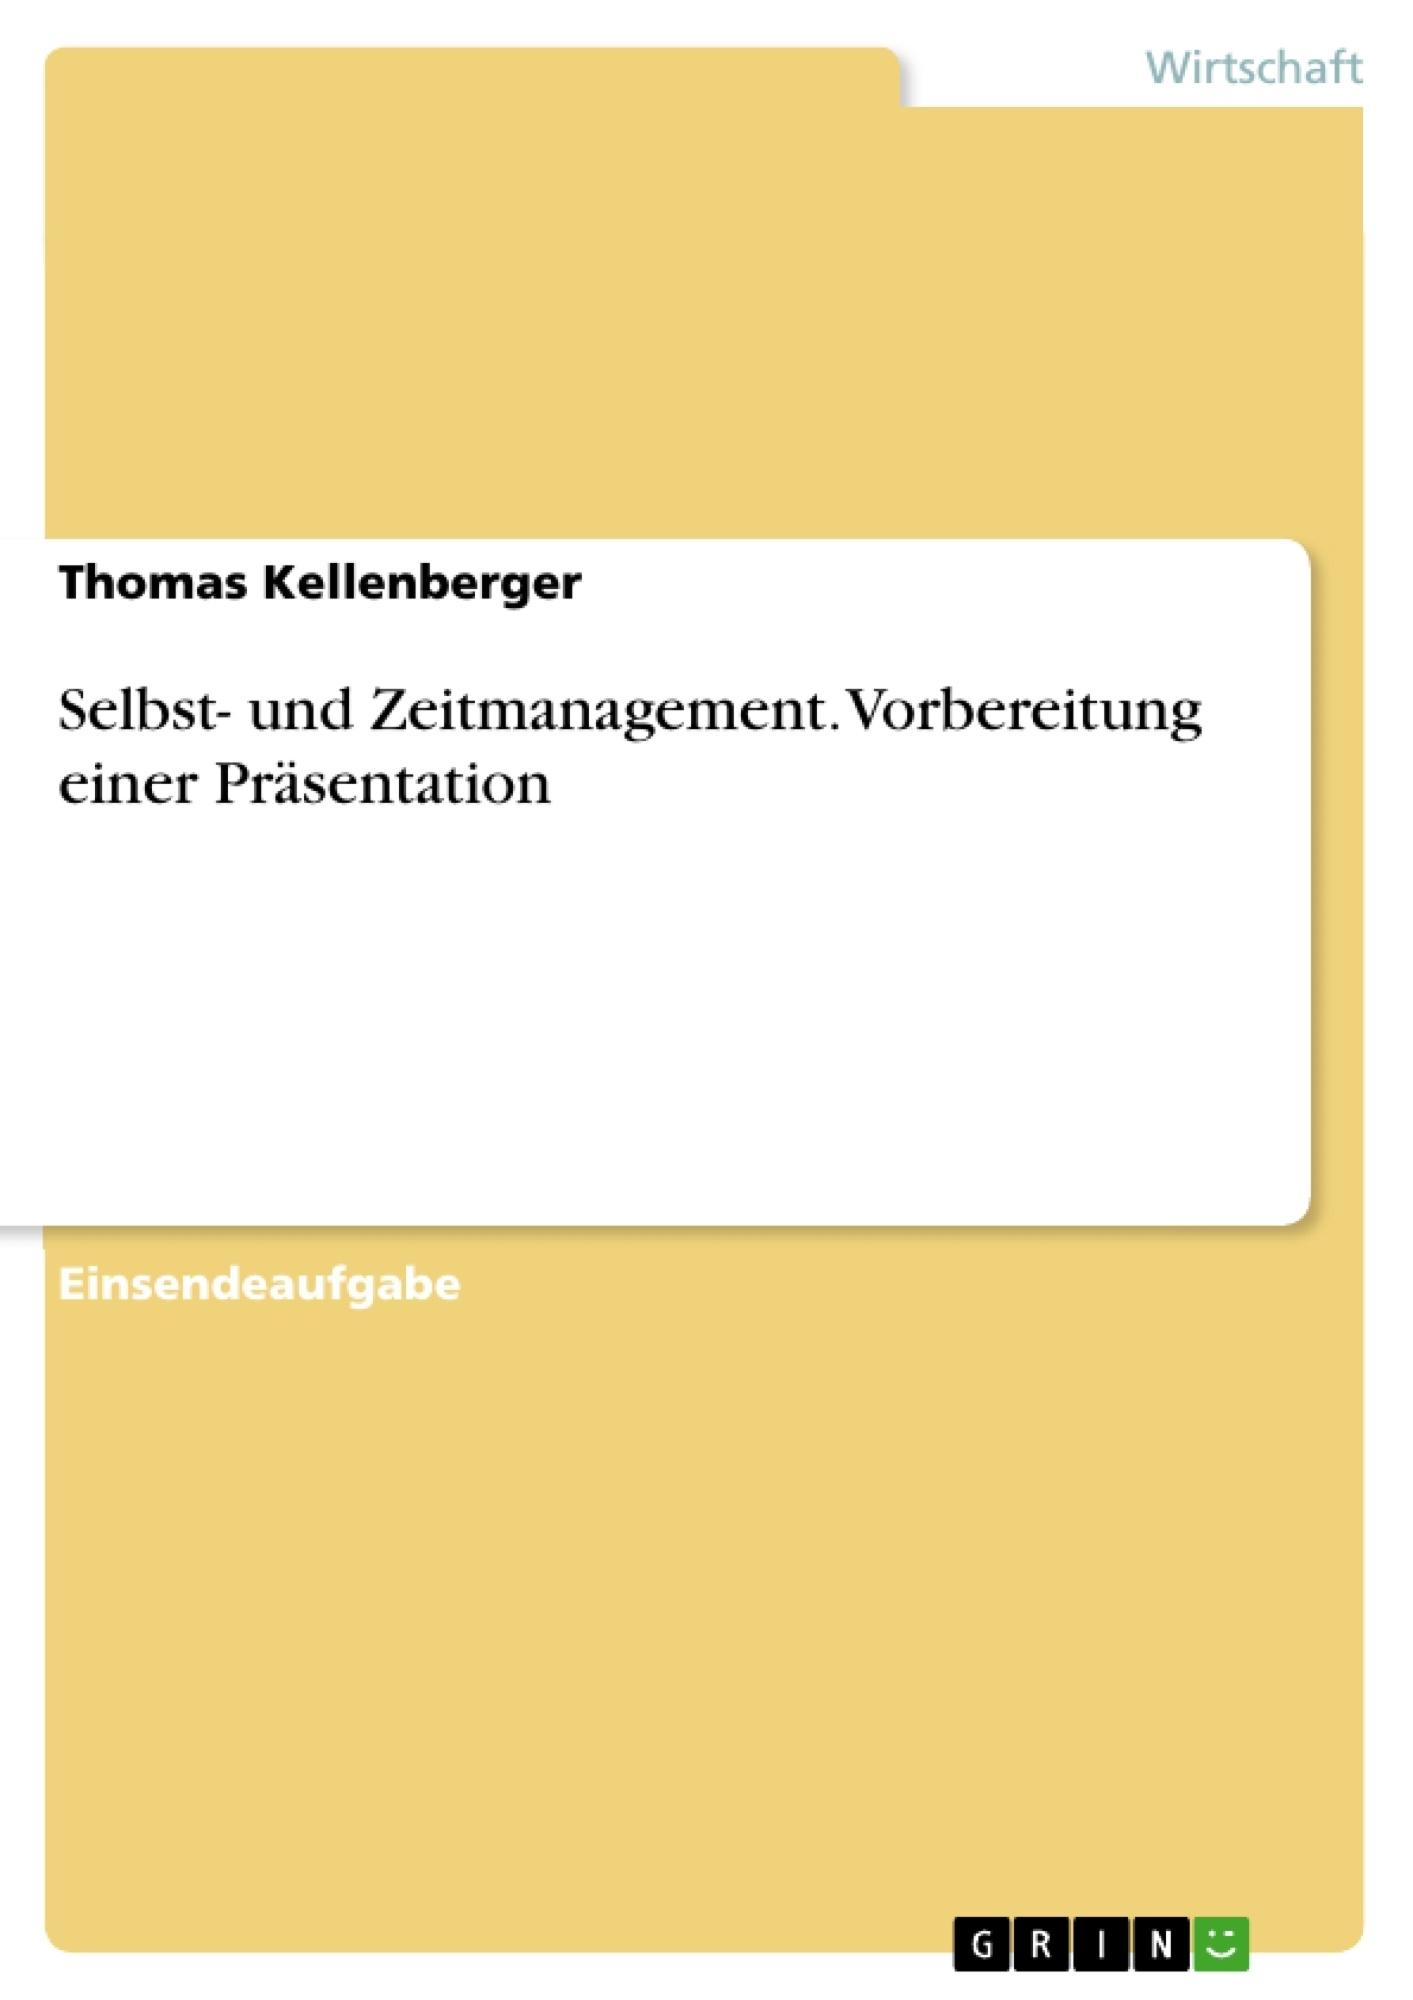 Titel: Selbst- und Zeitmanagement. Vorbereitung einer Präsentation